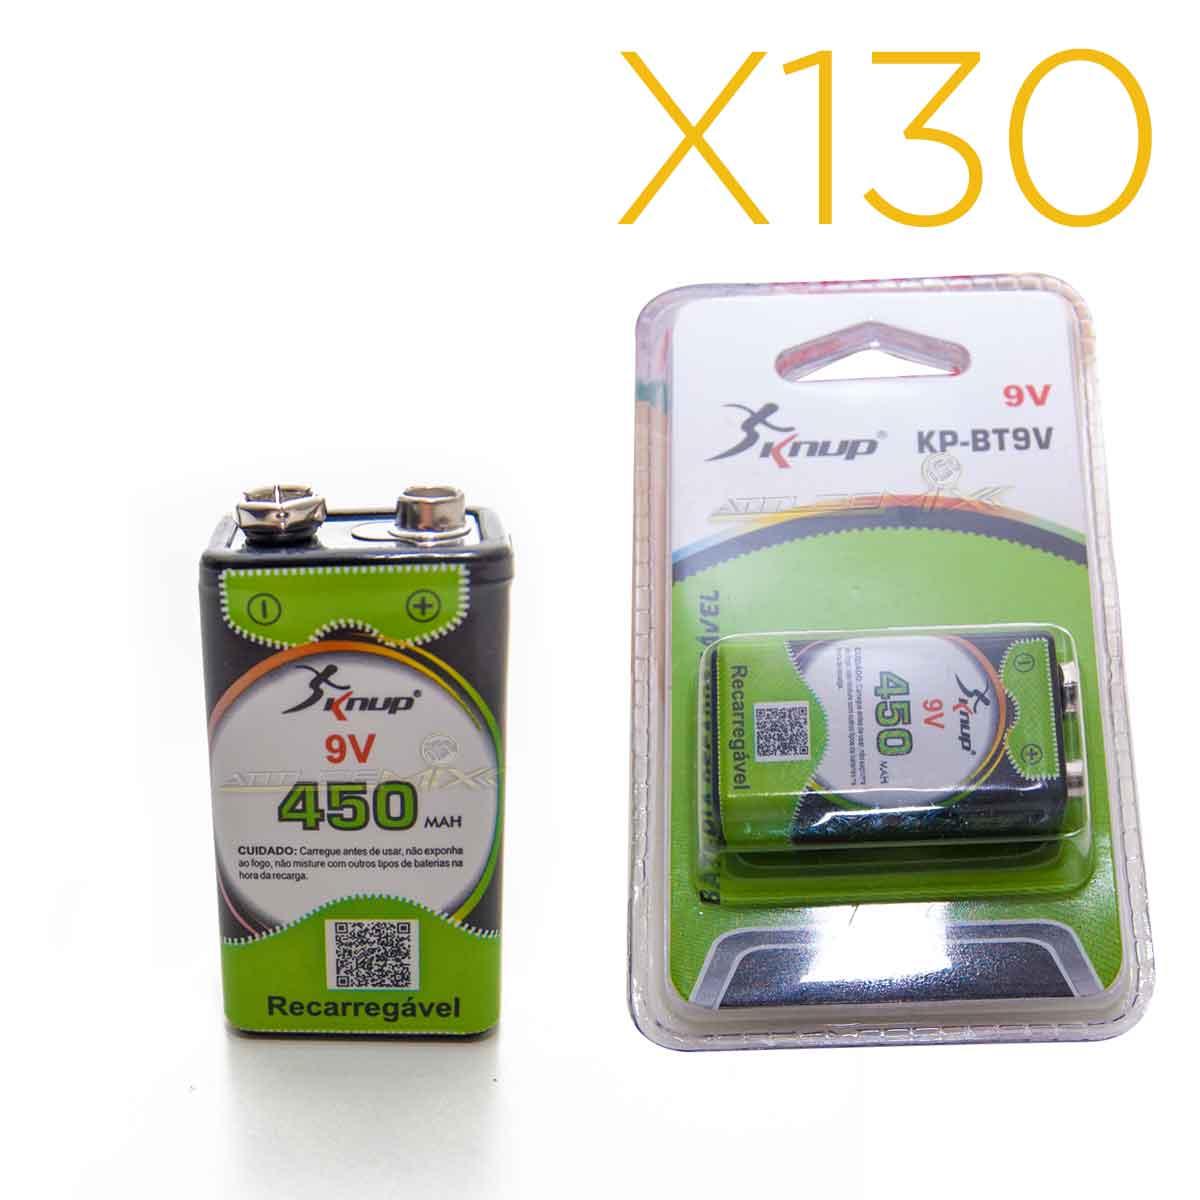 Kit 130 Baterias Recarregáveis 9v 450mah Knup Original